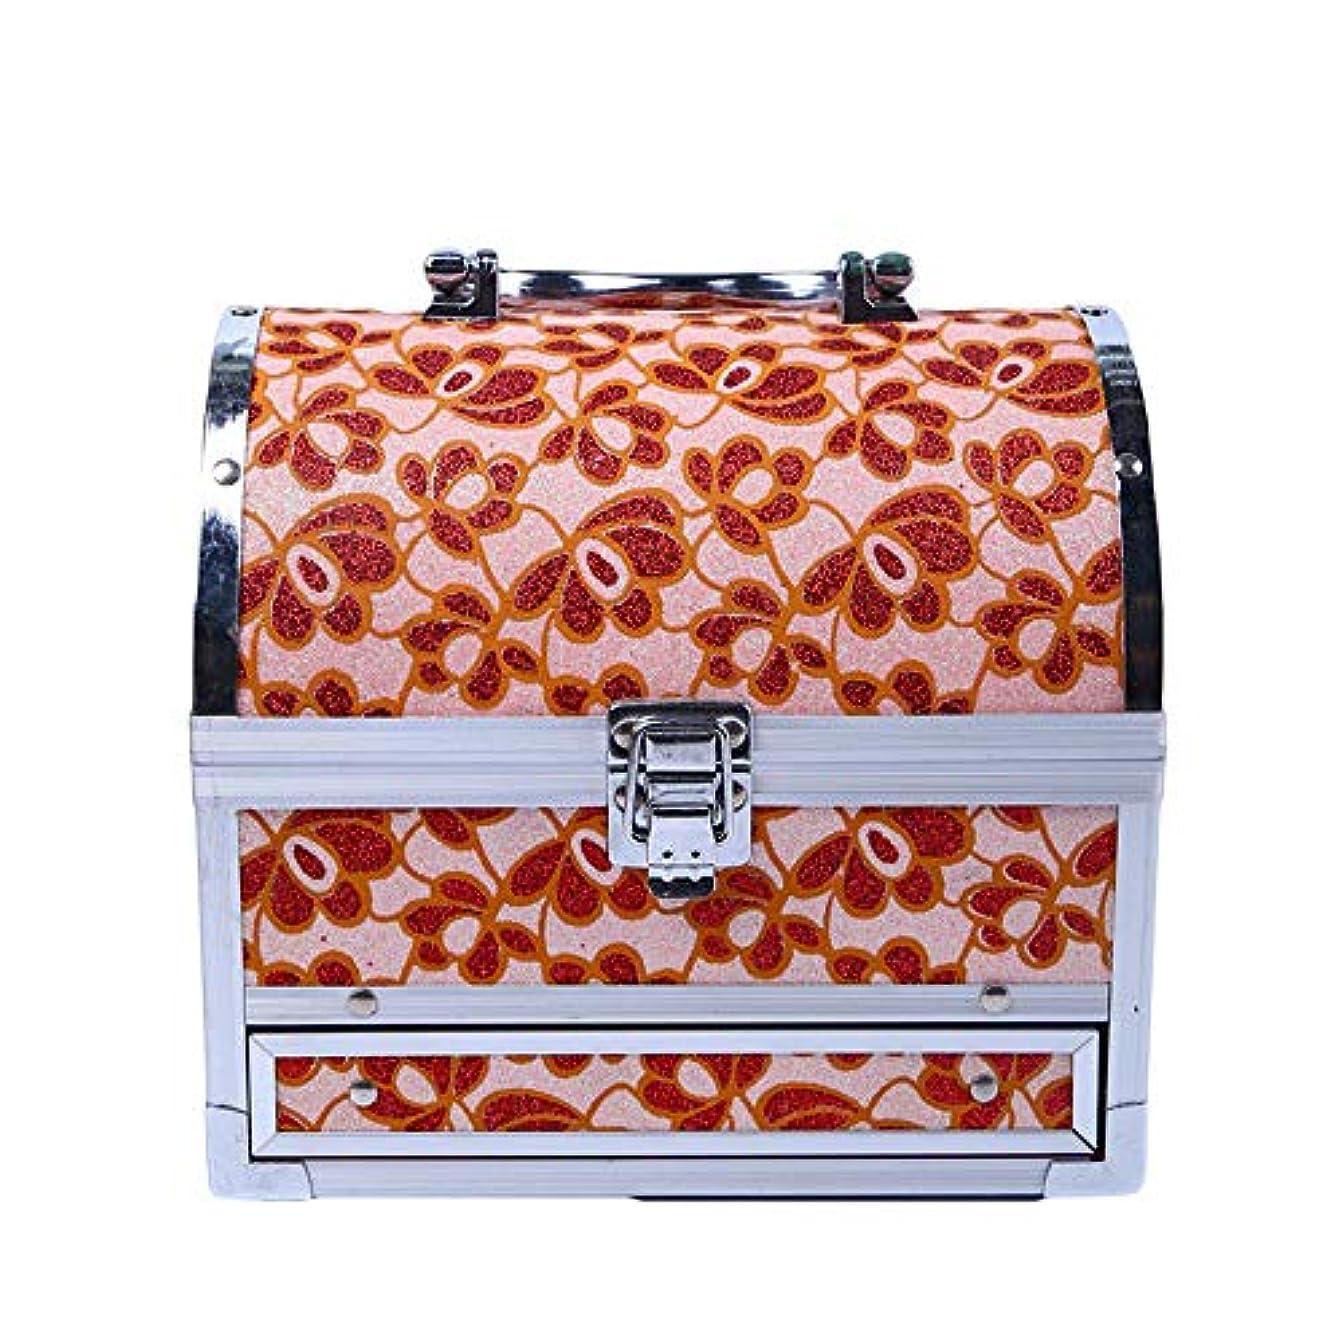 買い手ペフ失われた化粧オーガナイザーバッグ 美容メイクアップのための大容量ポータブル化粧ケース、女性化粧ミラー付きのロック付き女性旅行と毎日の保管 化粧品ケース